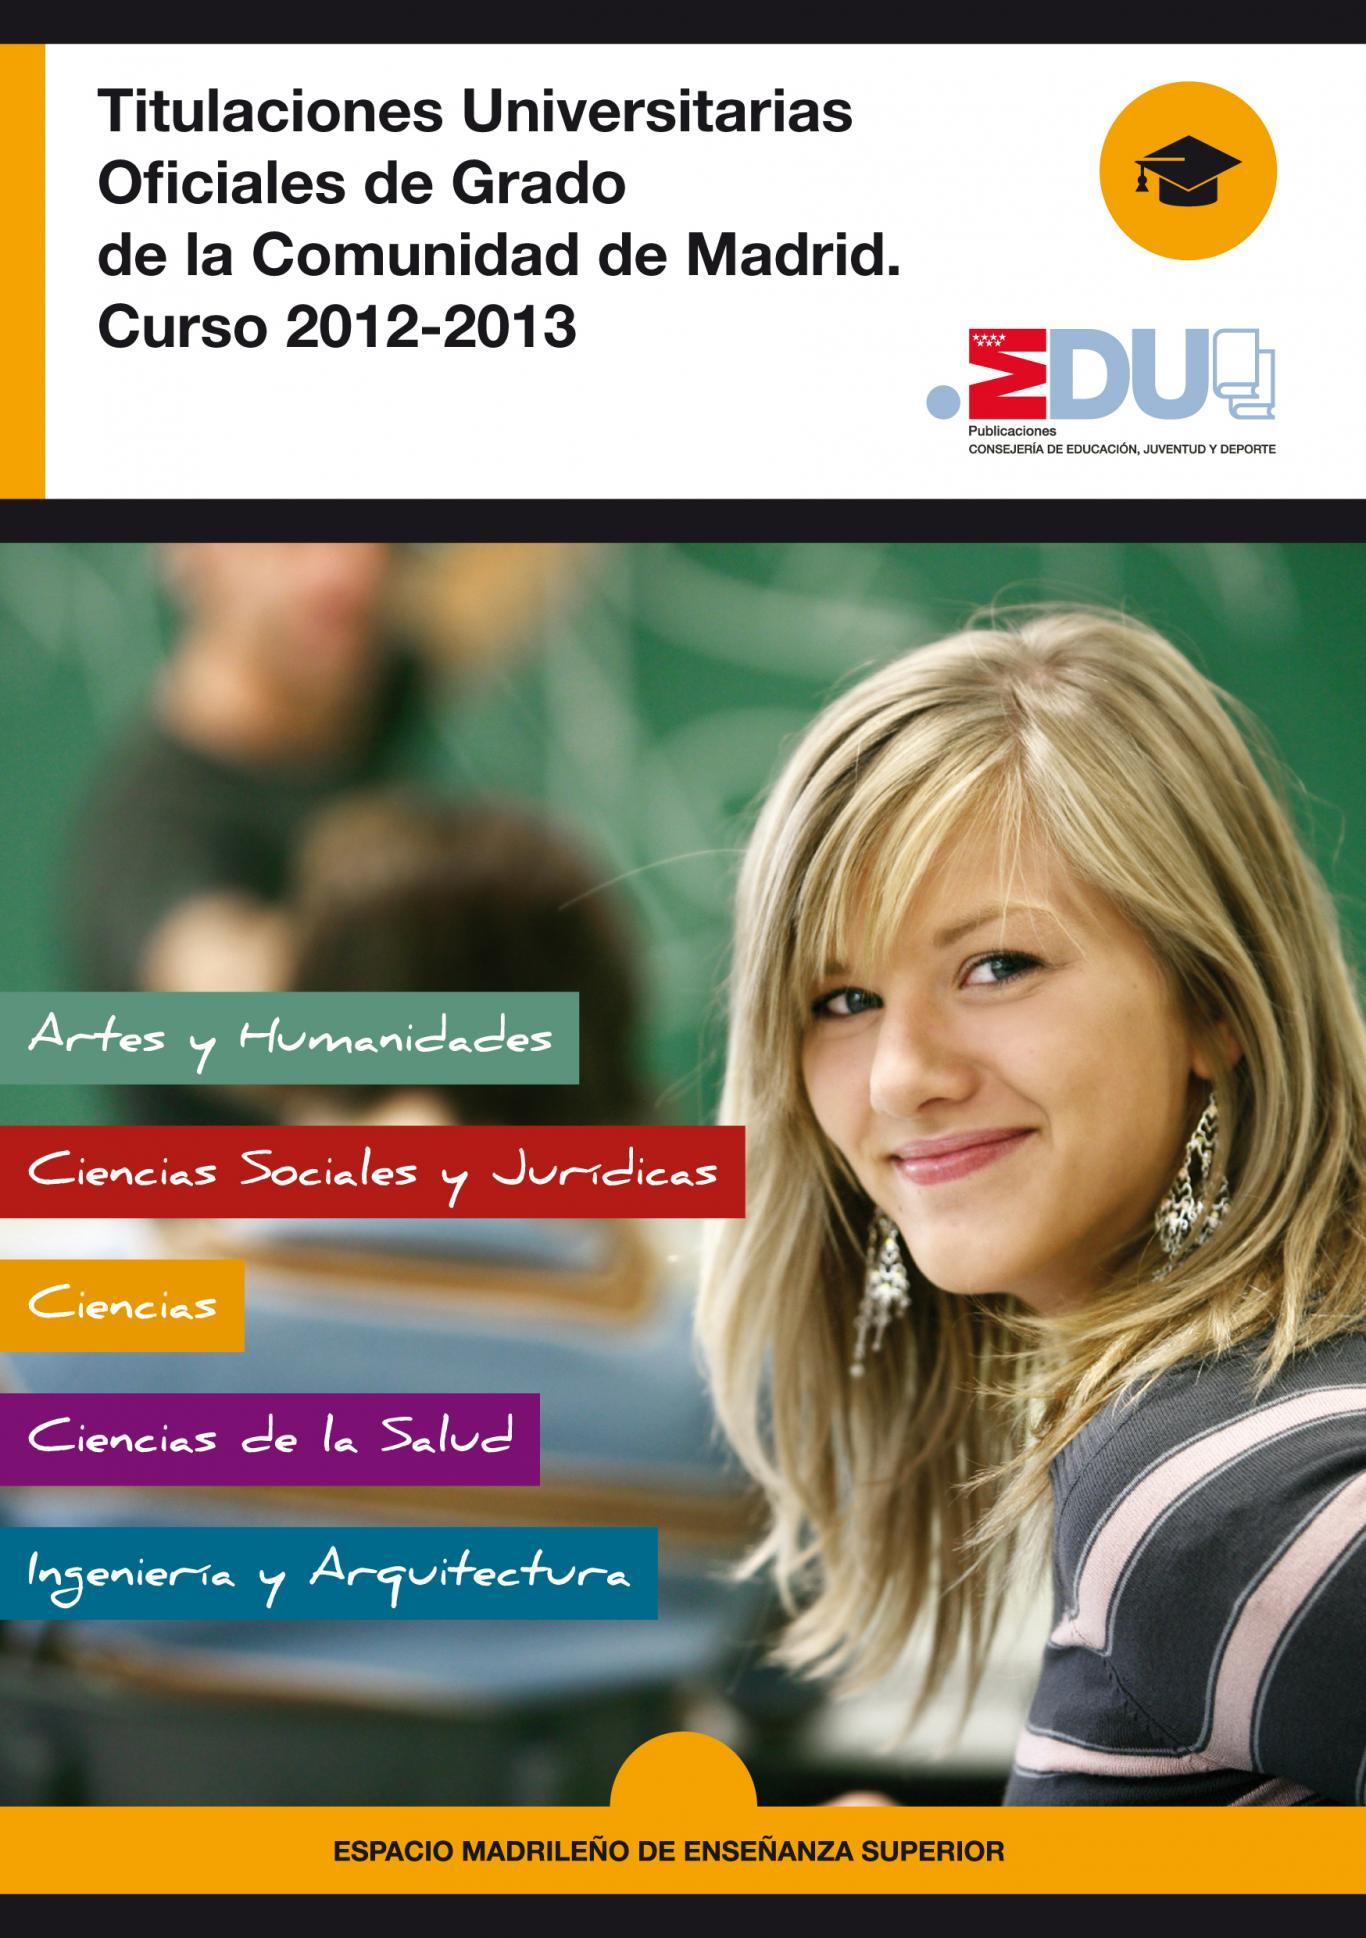 Titulaciones Universitarias de Grado 12-13